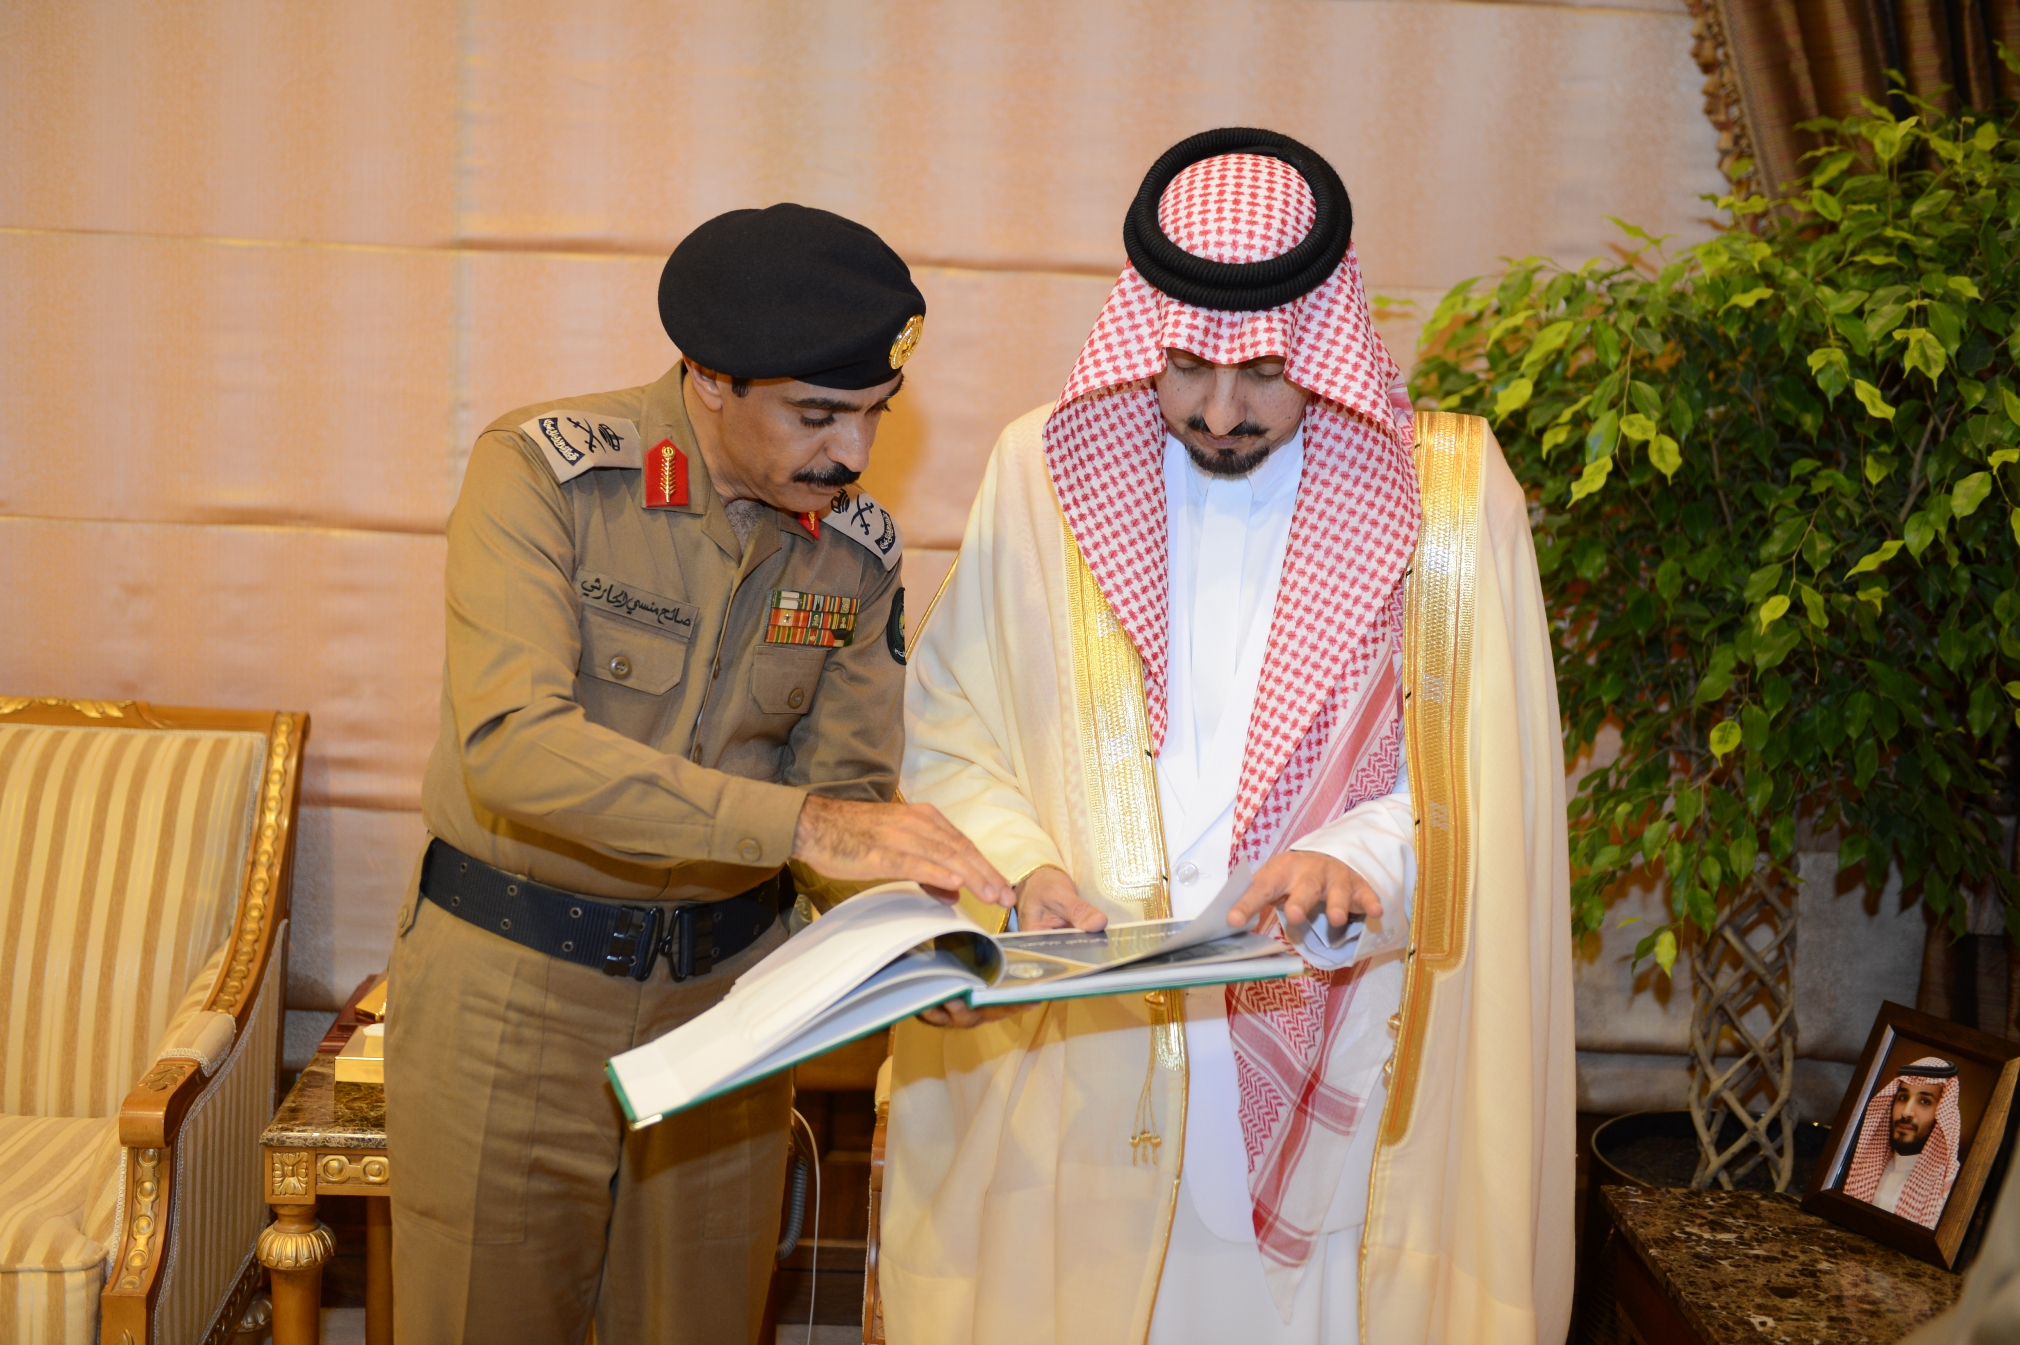 أمير عسير يستقبل مدير الدفاع المدني بالمنطقة (3)